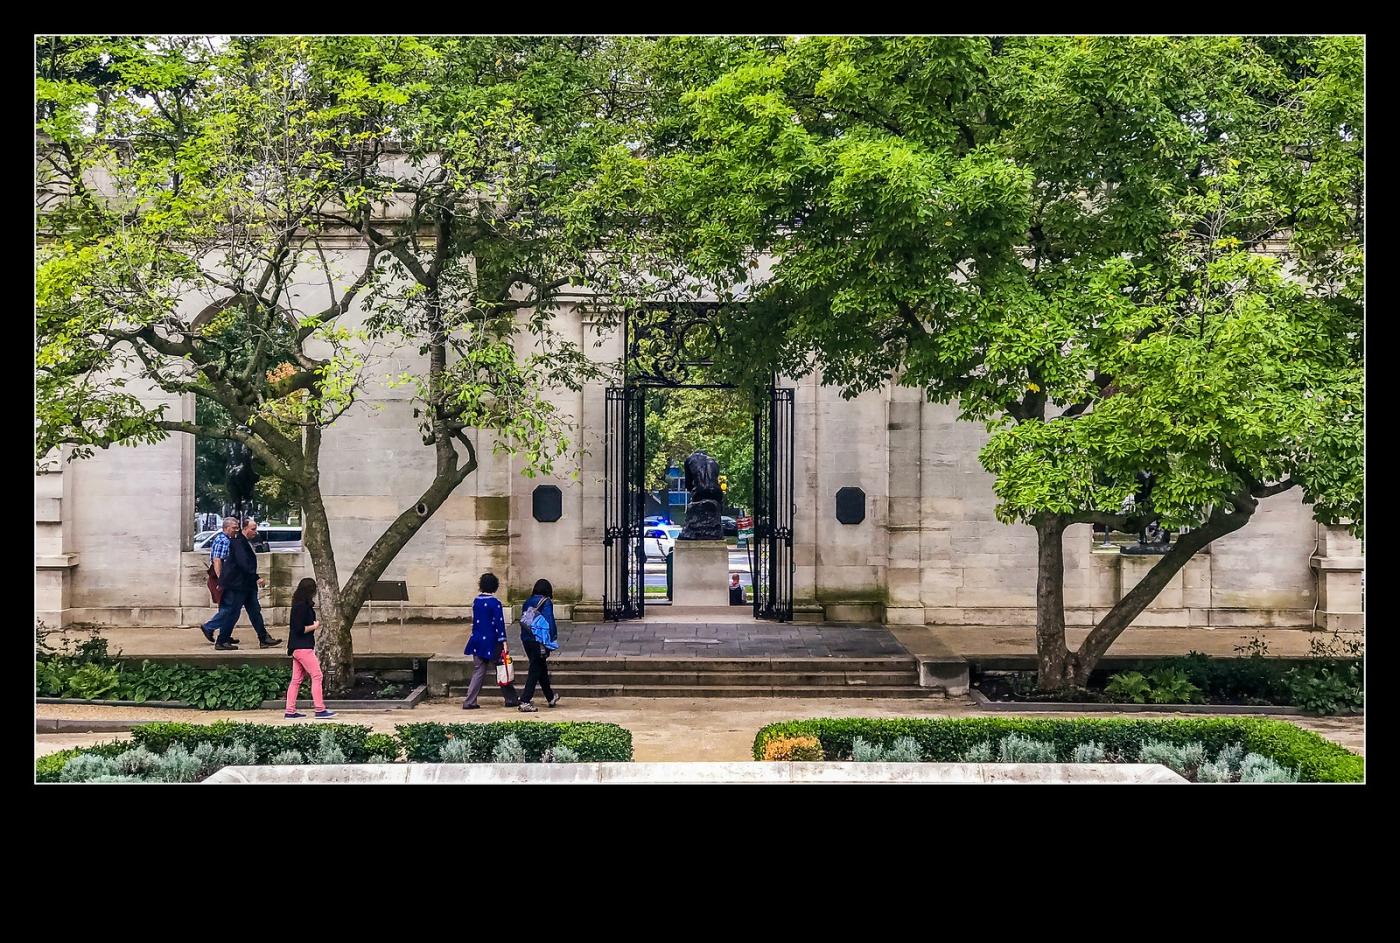 费城罗丹博物馆,值得一看(手机摄影)_图1-8